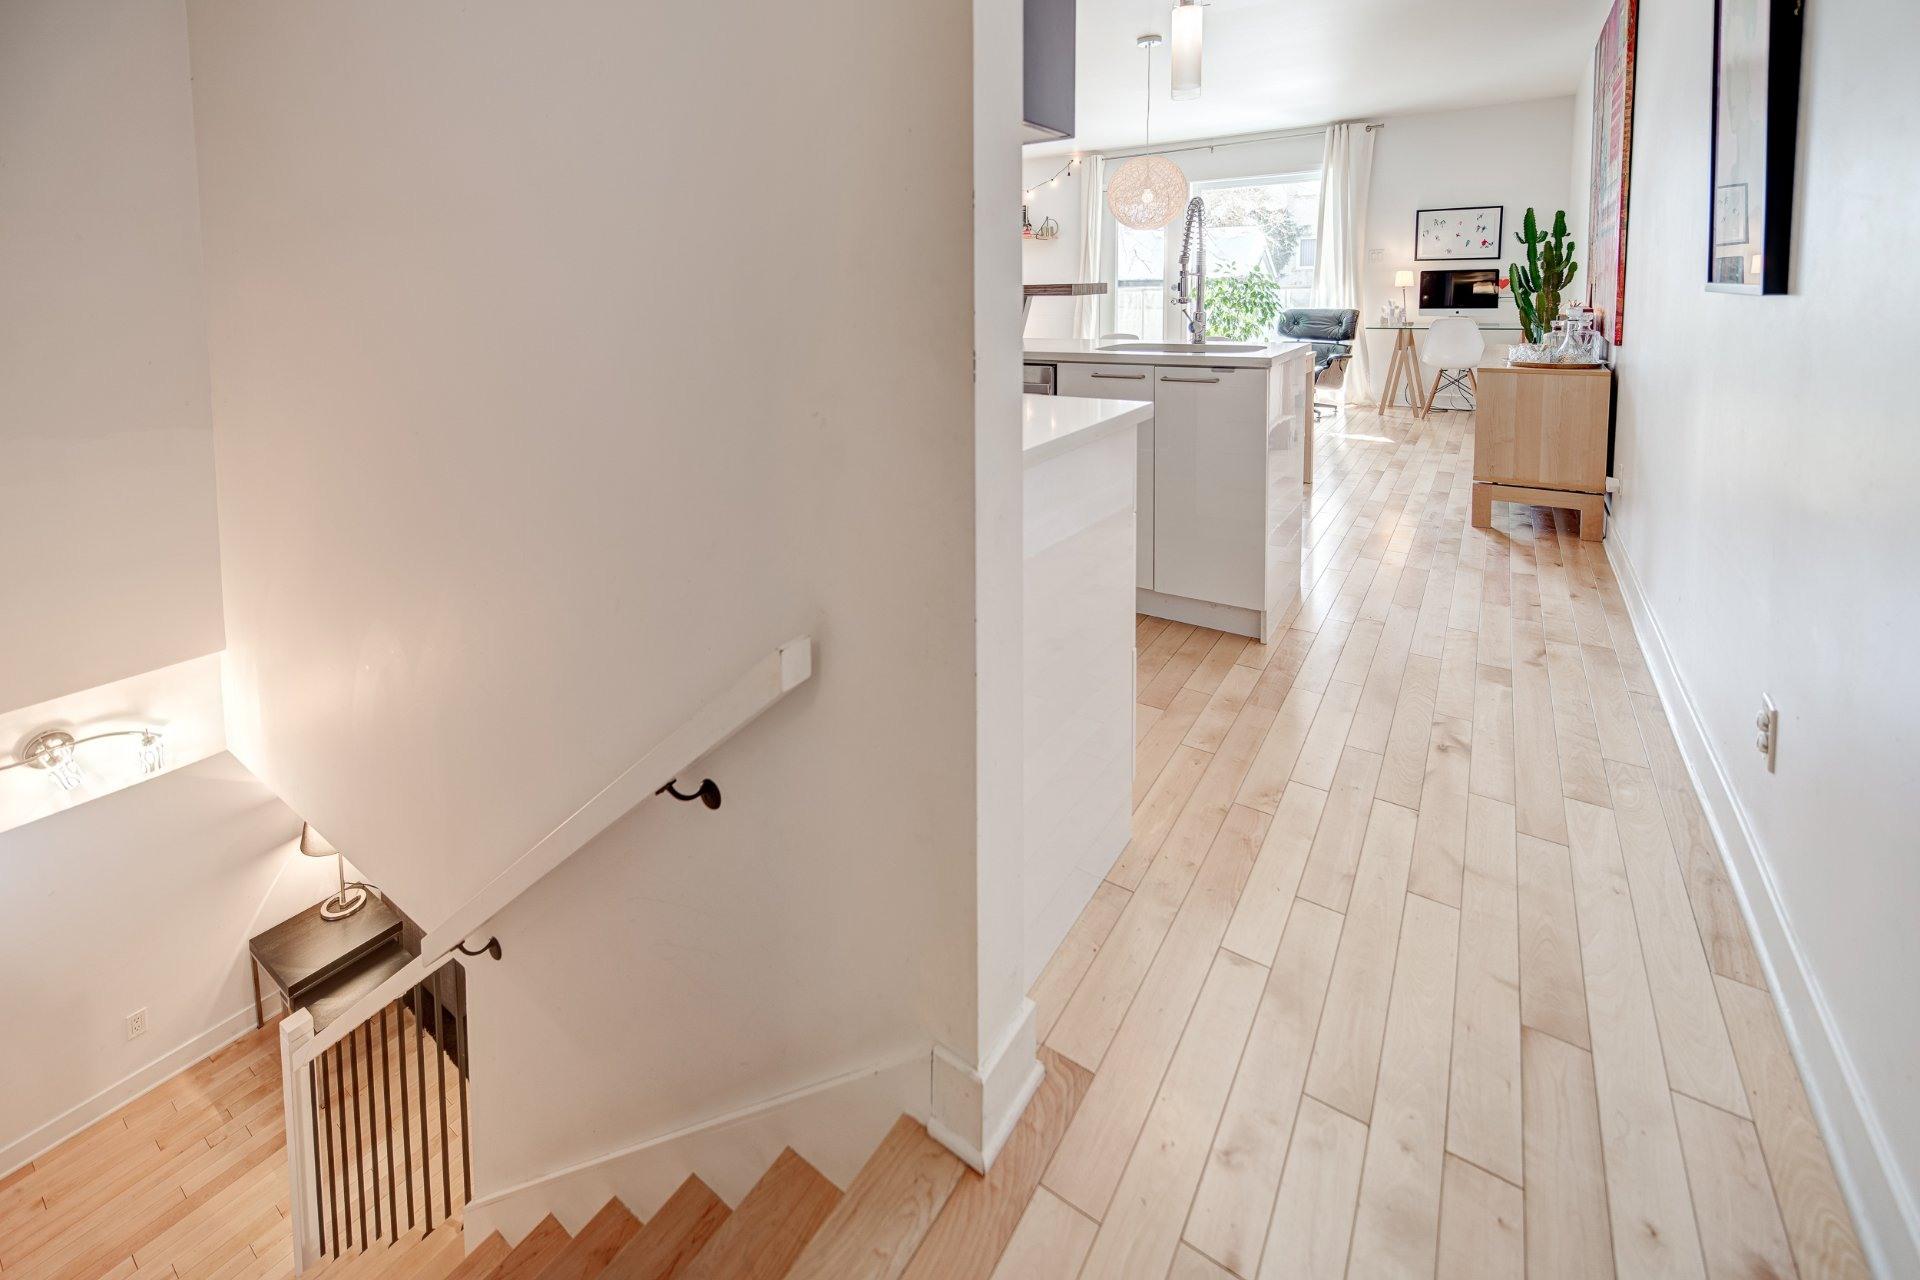 image 15 - Apartment For sale Rosemont/La Petite-Patrie Montréal  - 6 rooms